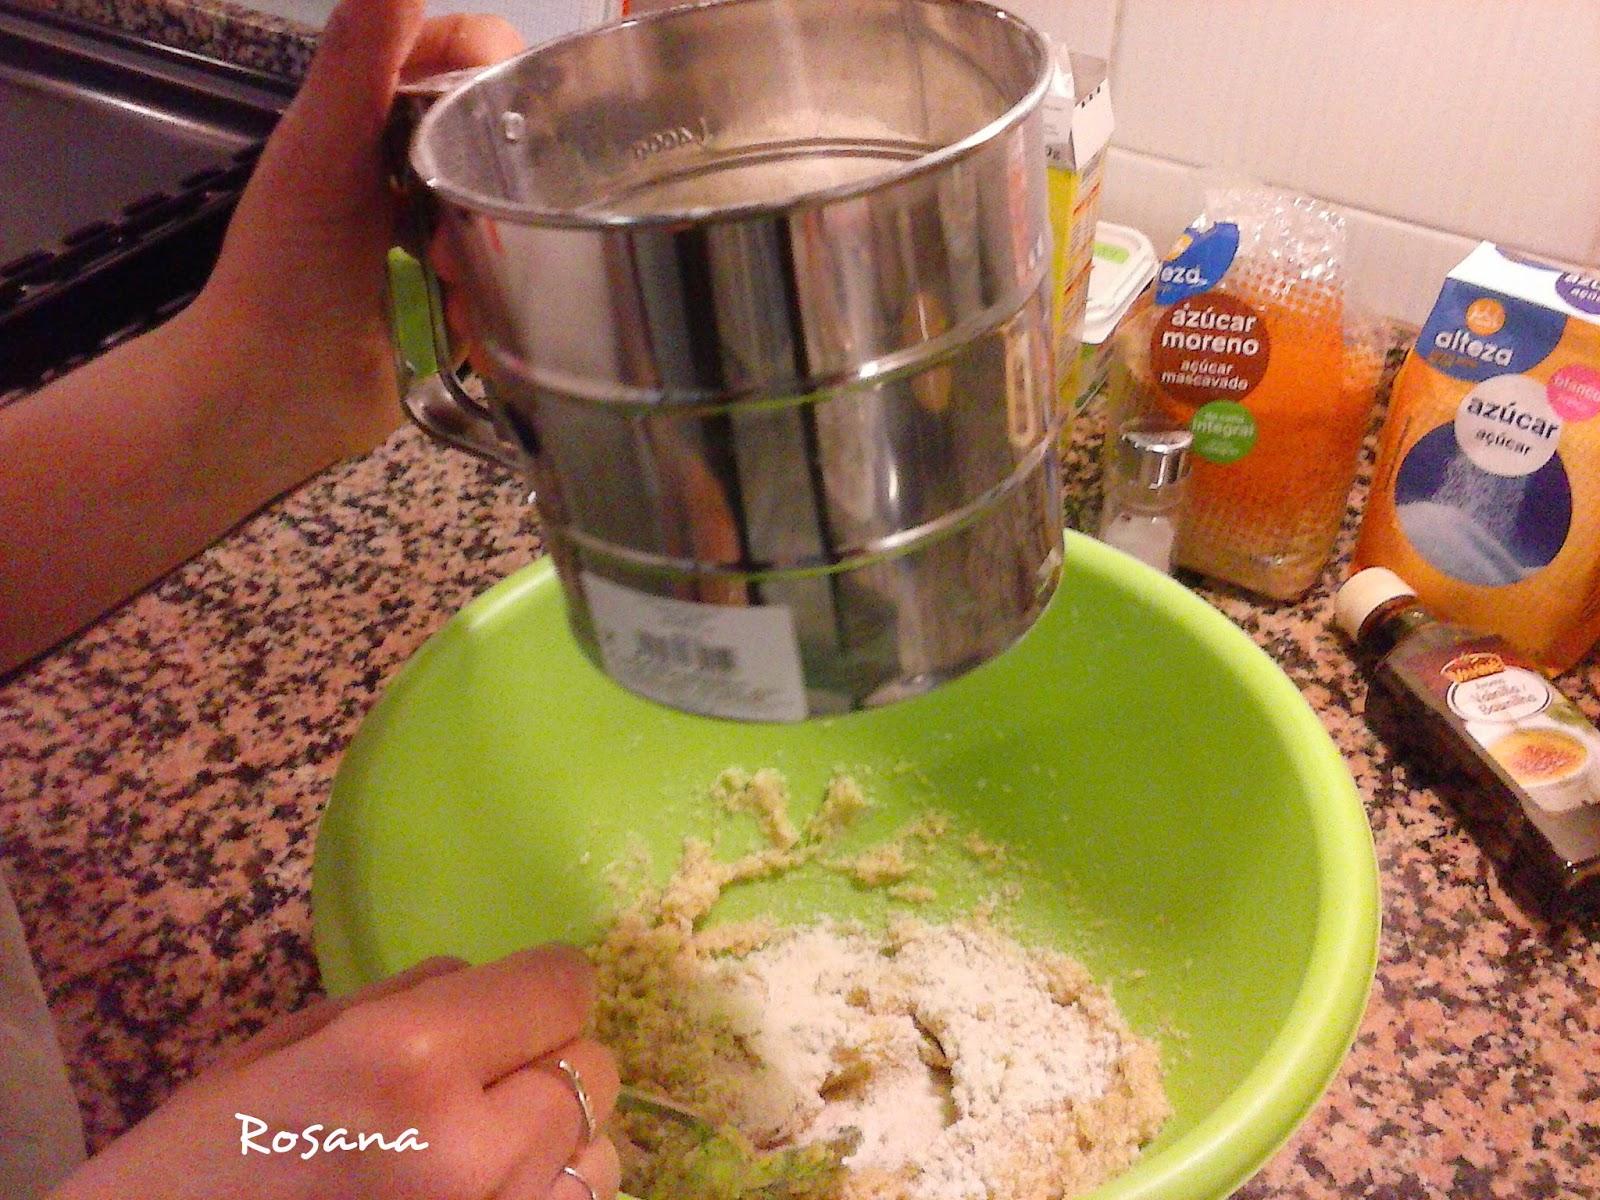 Tamizando la harina para hacer galletas